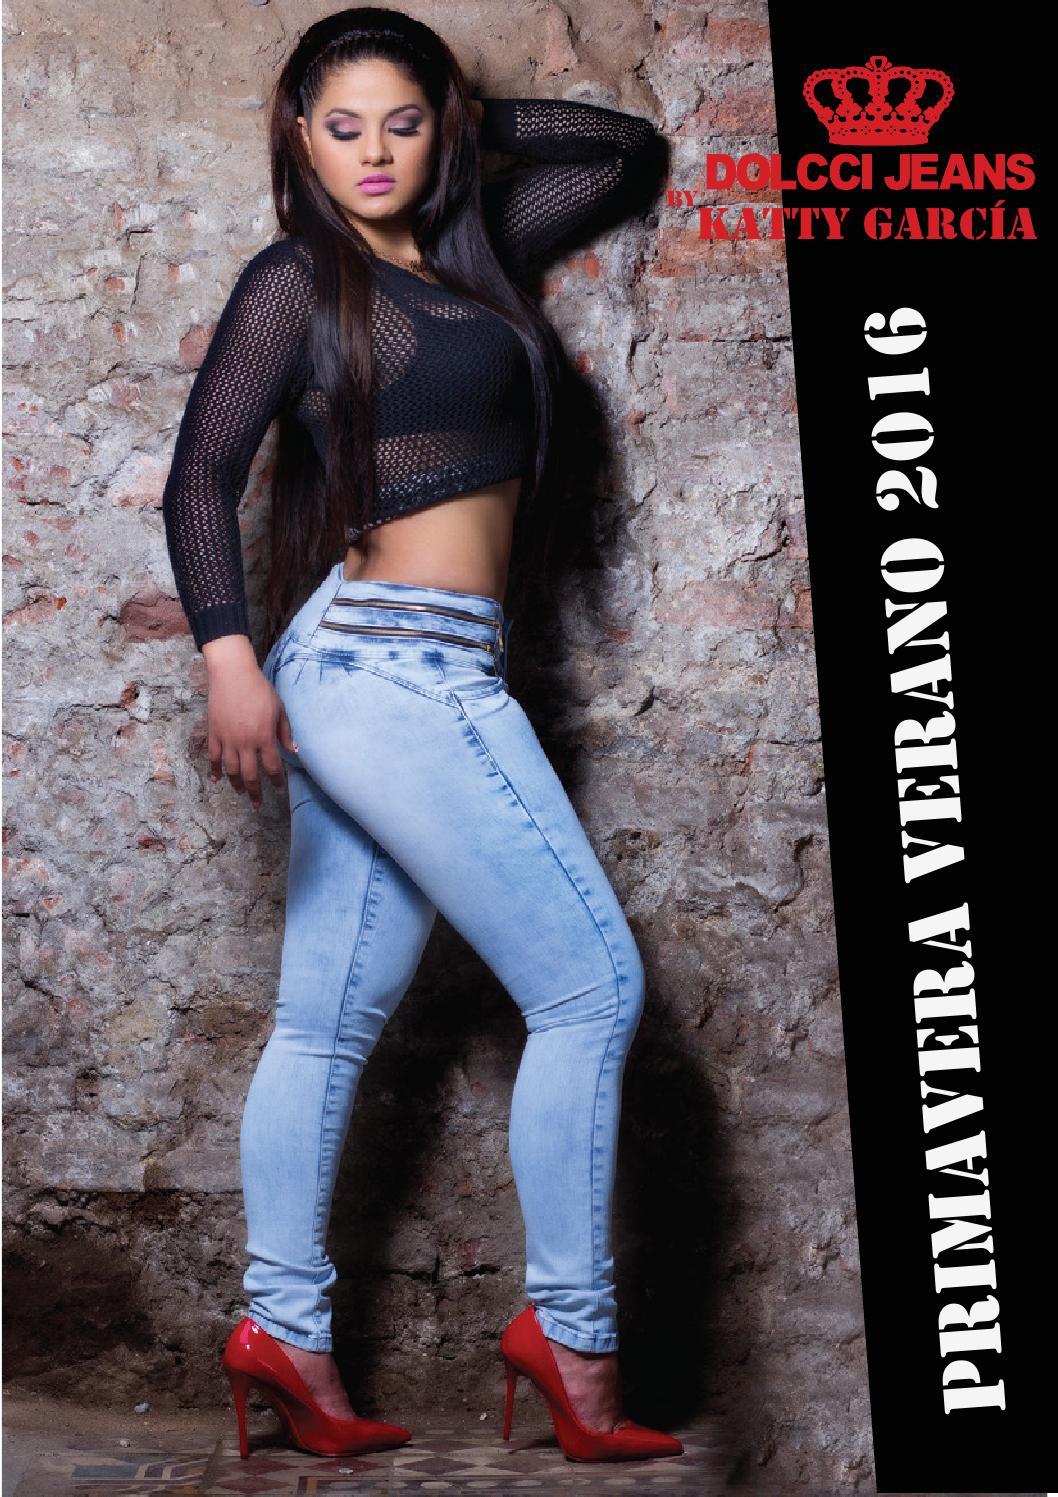 Dolcci Jeans Primavera Verano 2016 by Dolcci Jeans by Katty Garcia - issuu